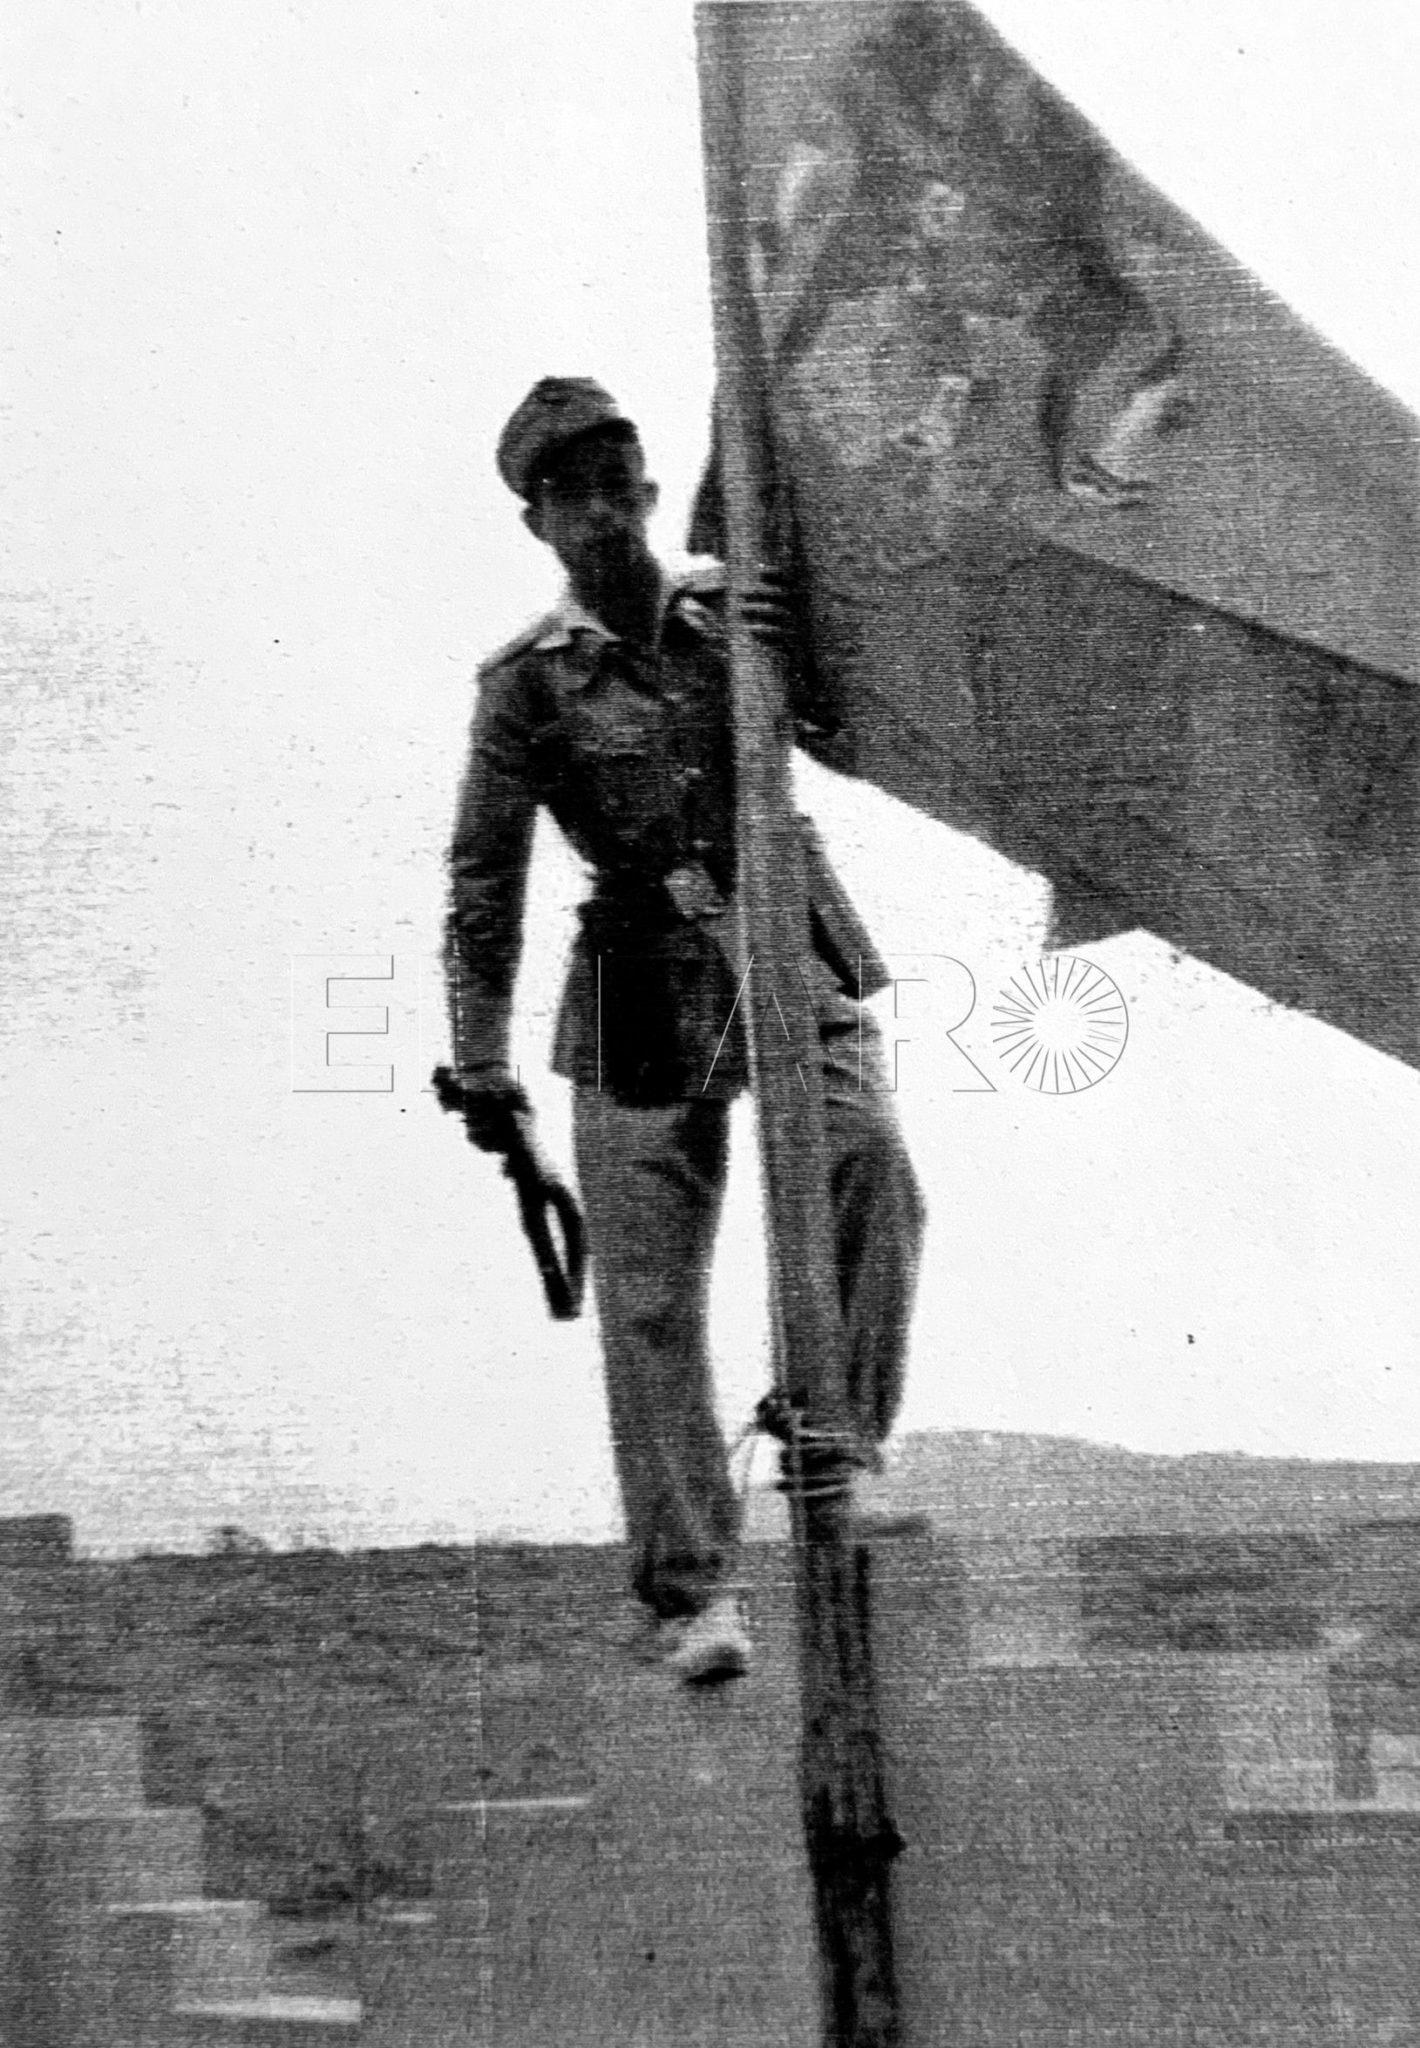 El cabo Manuel Castilla Díaz en lo alto del puesto de Telata agarrado al mástil donde ondea la bandera de Espana-1